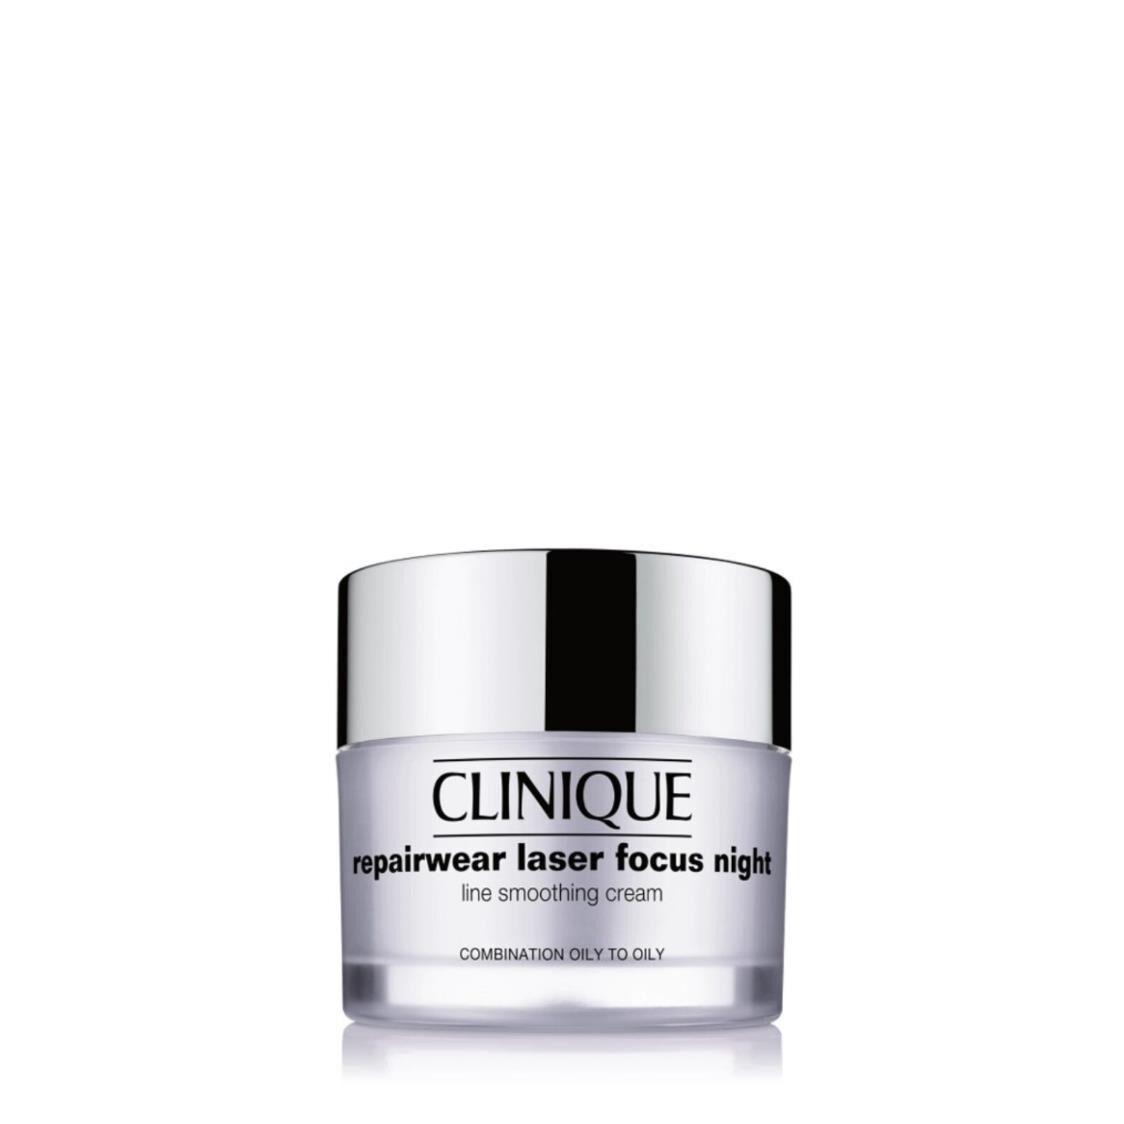 Clinique Repairwear Laser Focus Night Line Smoothing Cream Combination Oily  50ml